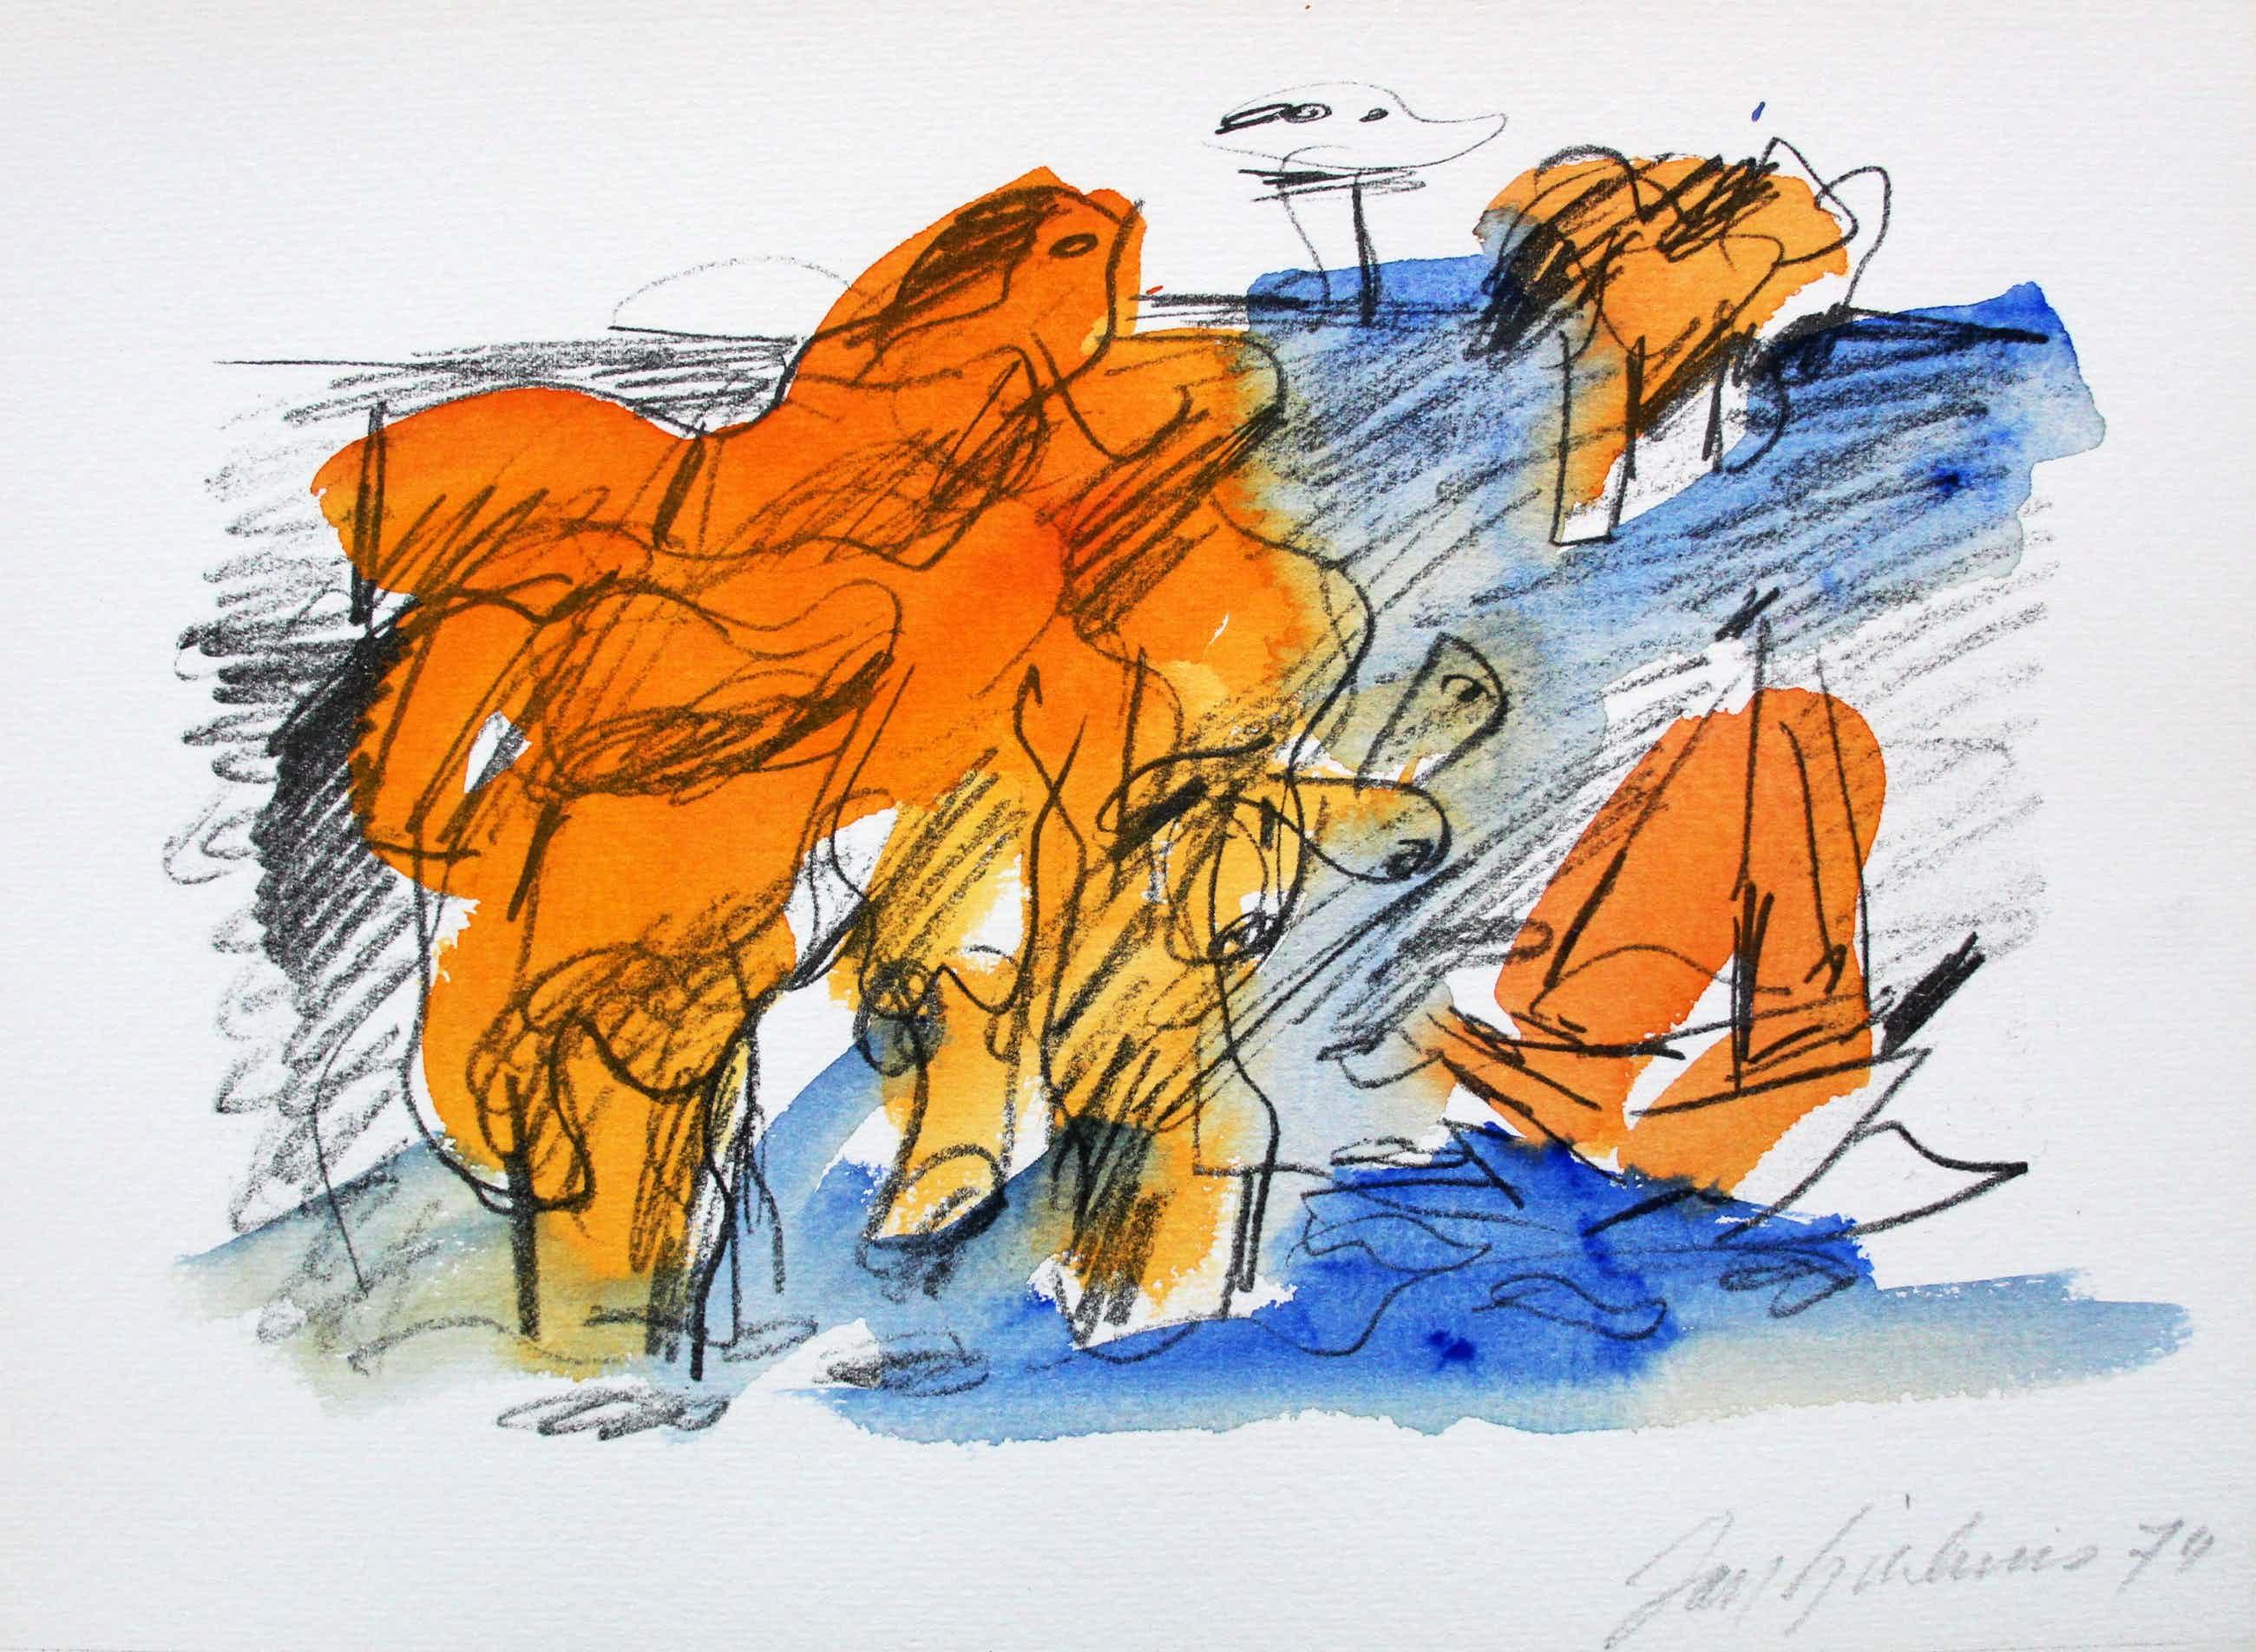 Jan Sierhuis - Met de hand ingekleurde litho (aquarel) - 1974 kopen? Bied vanaf 95!